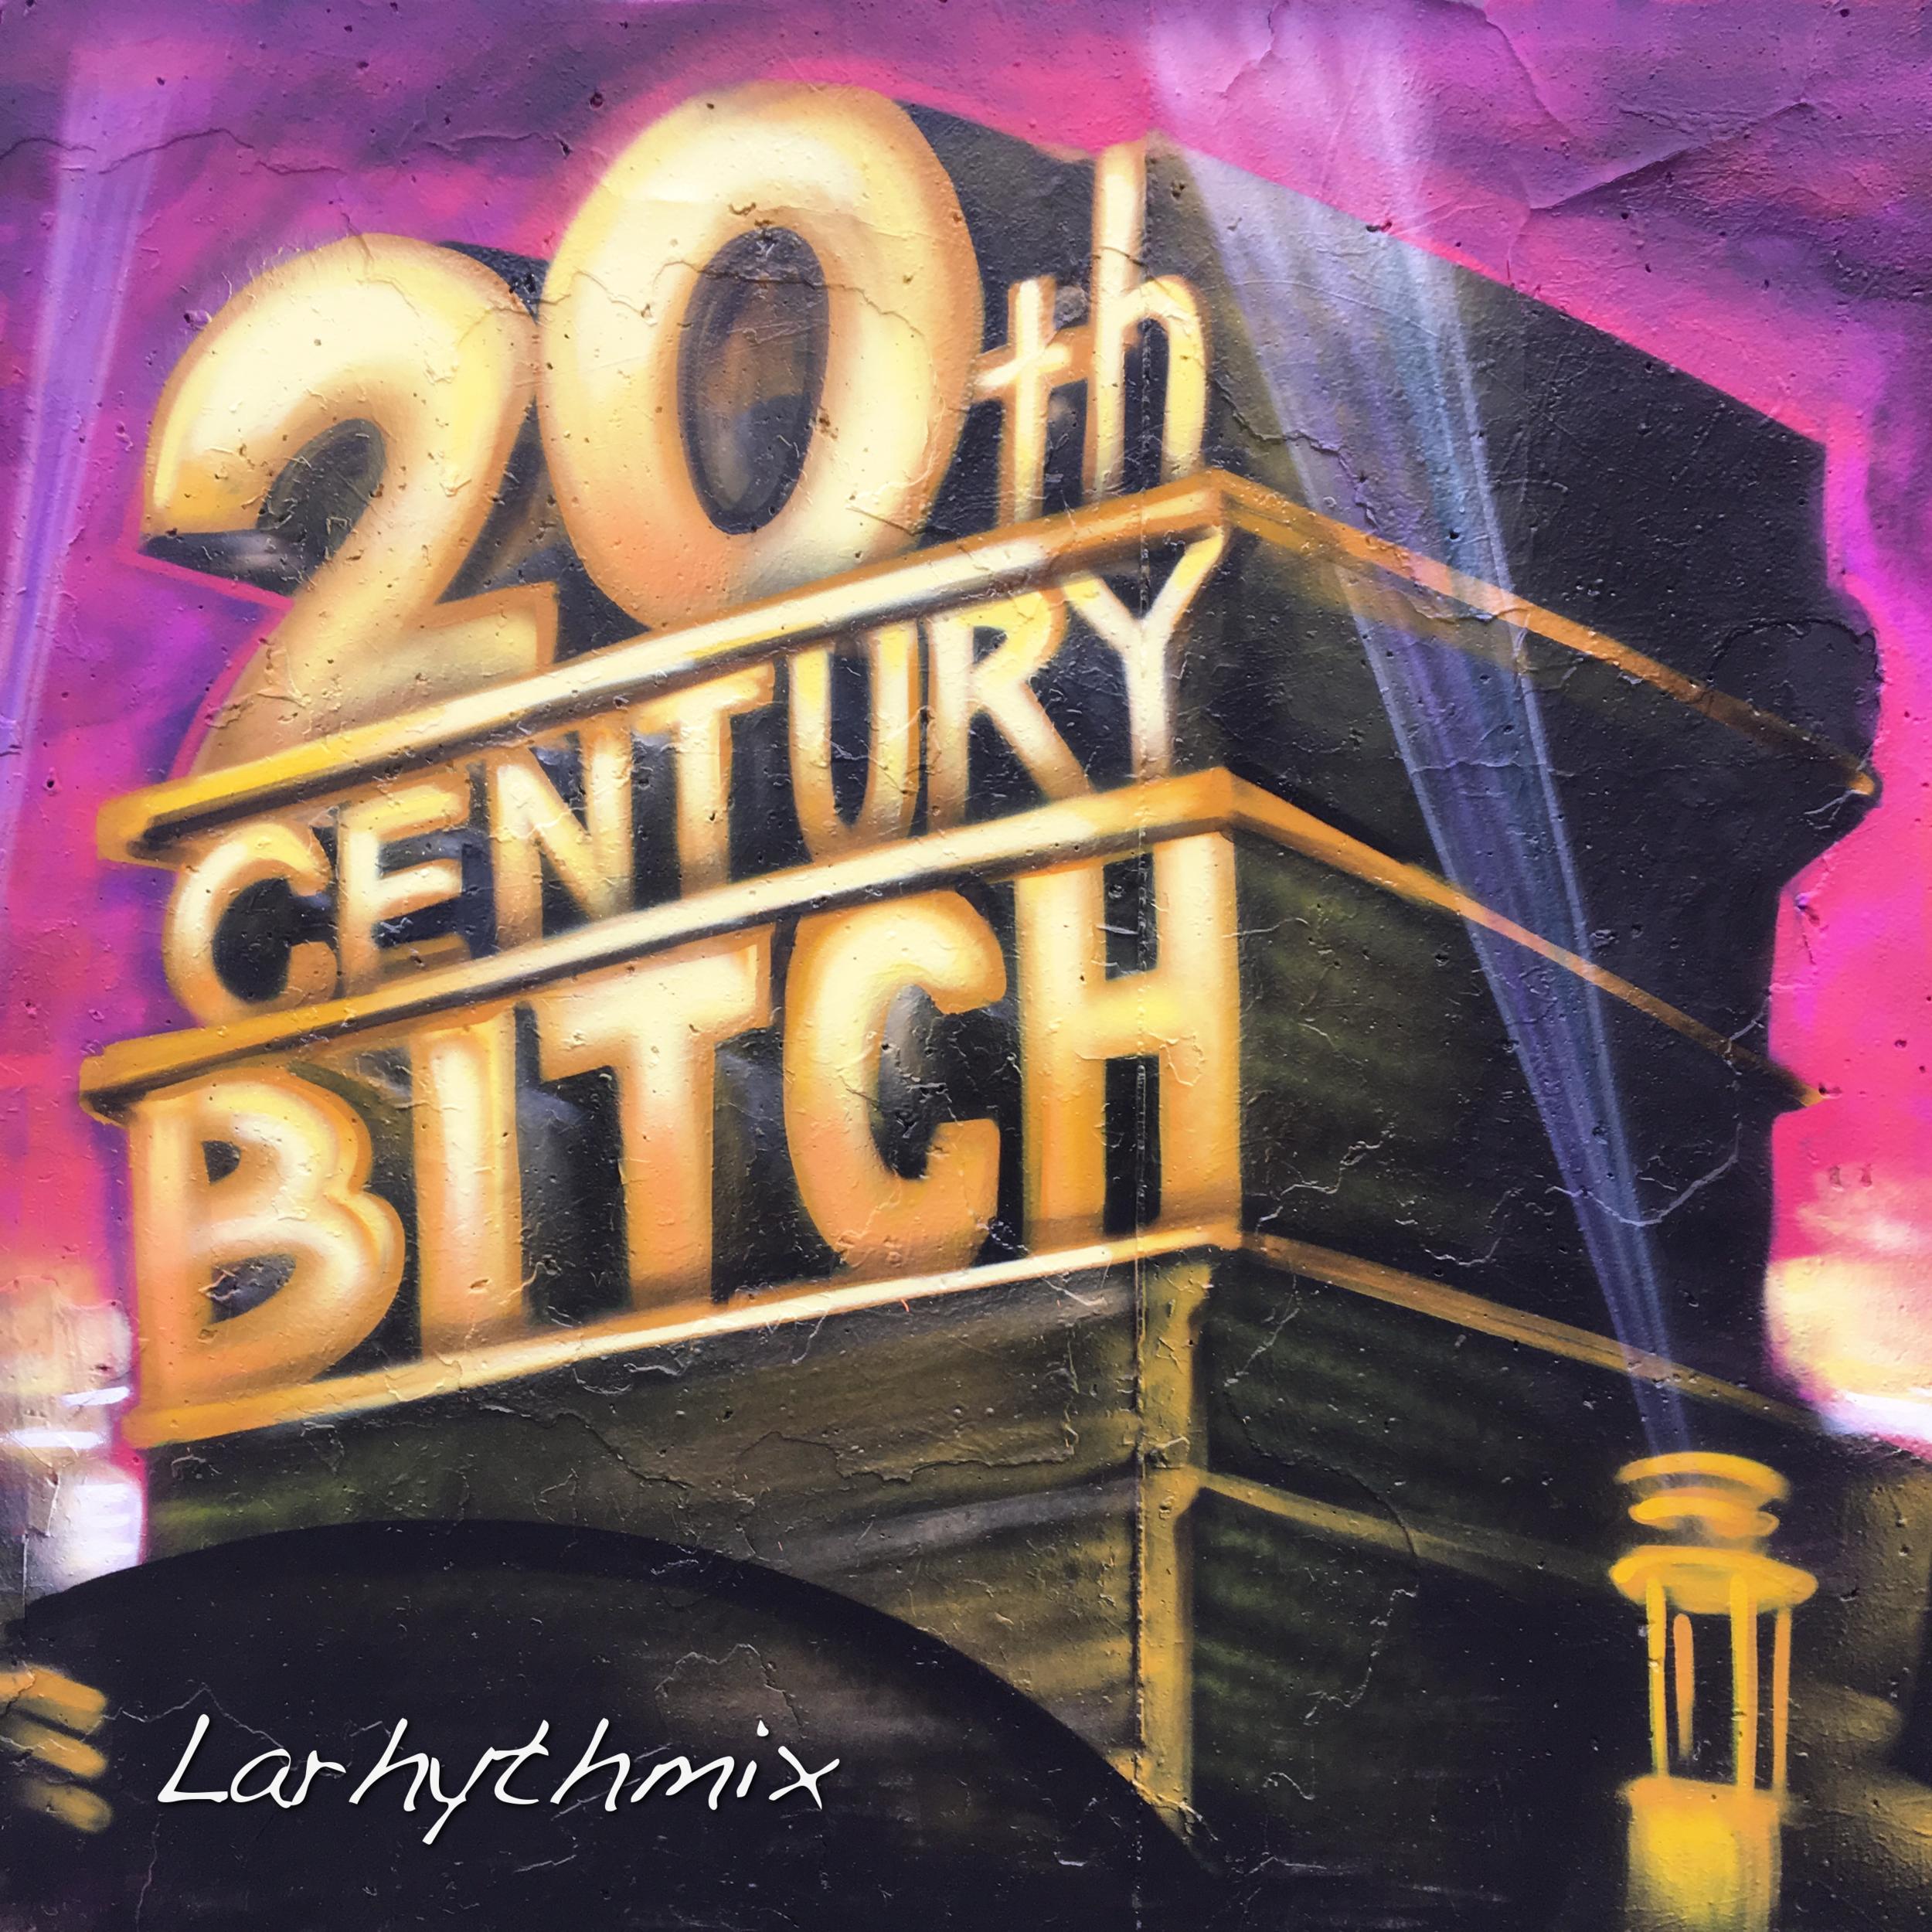 20th Century Bitch